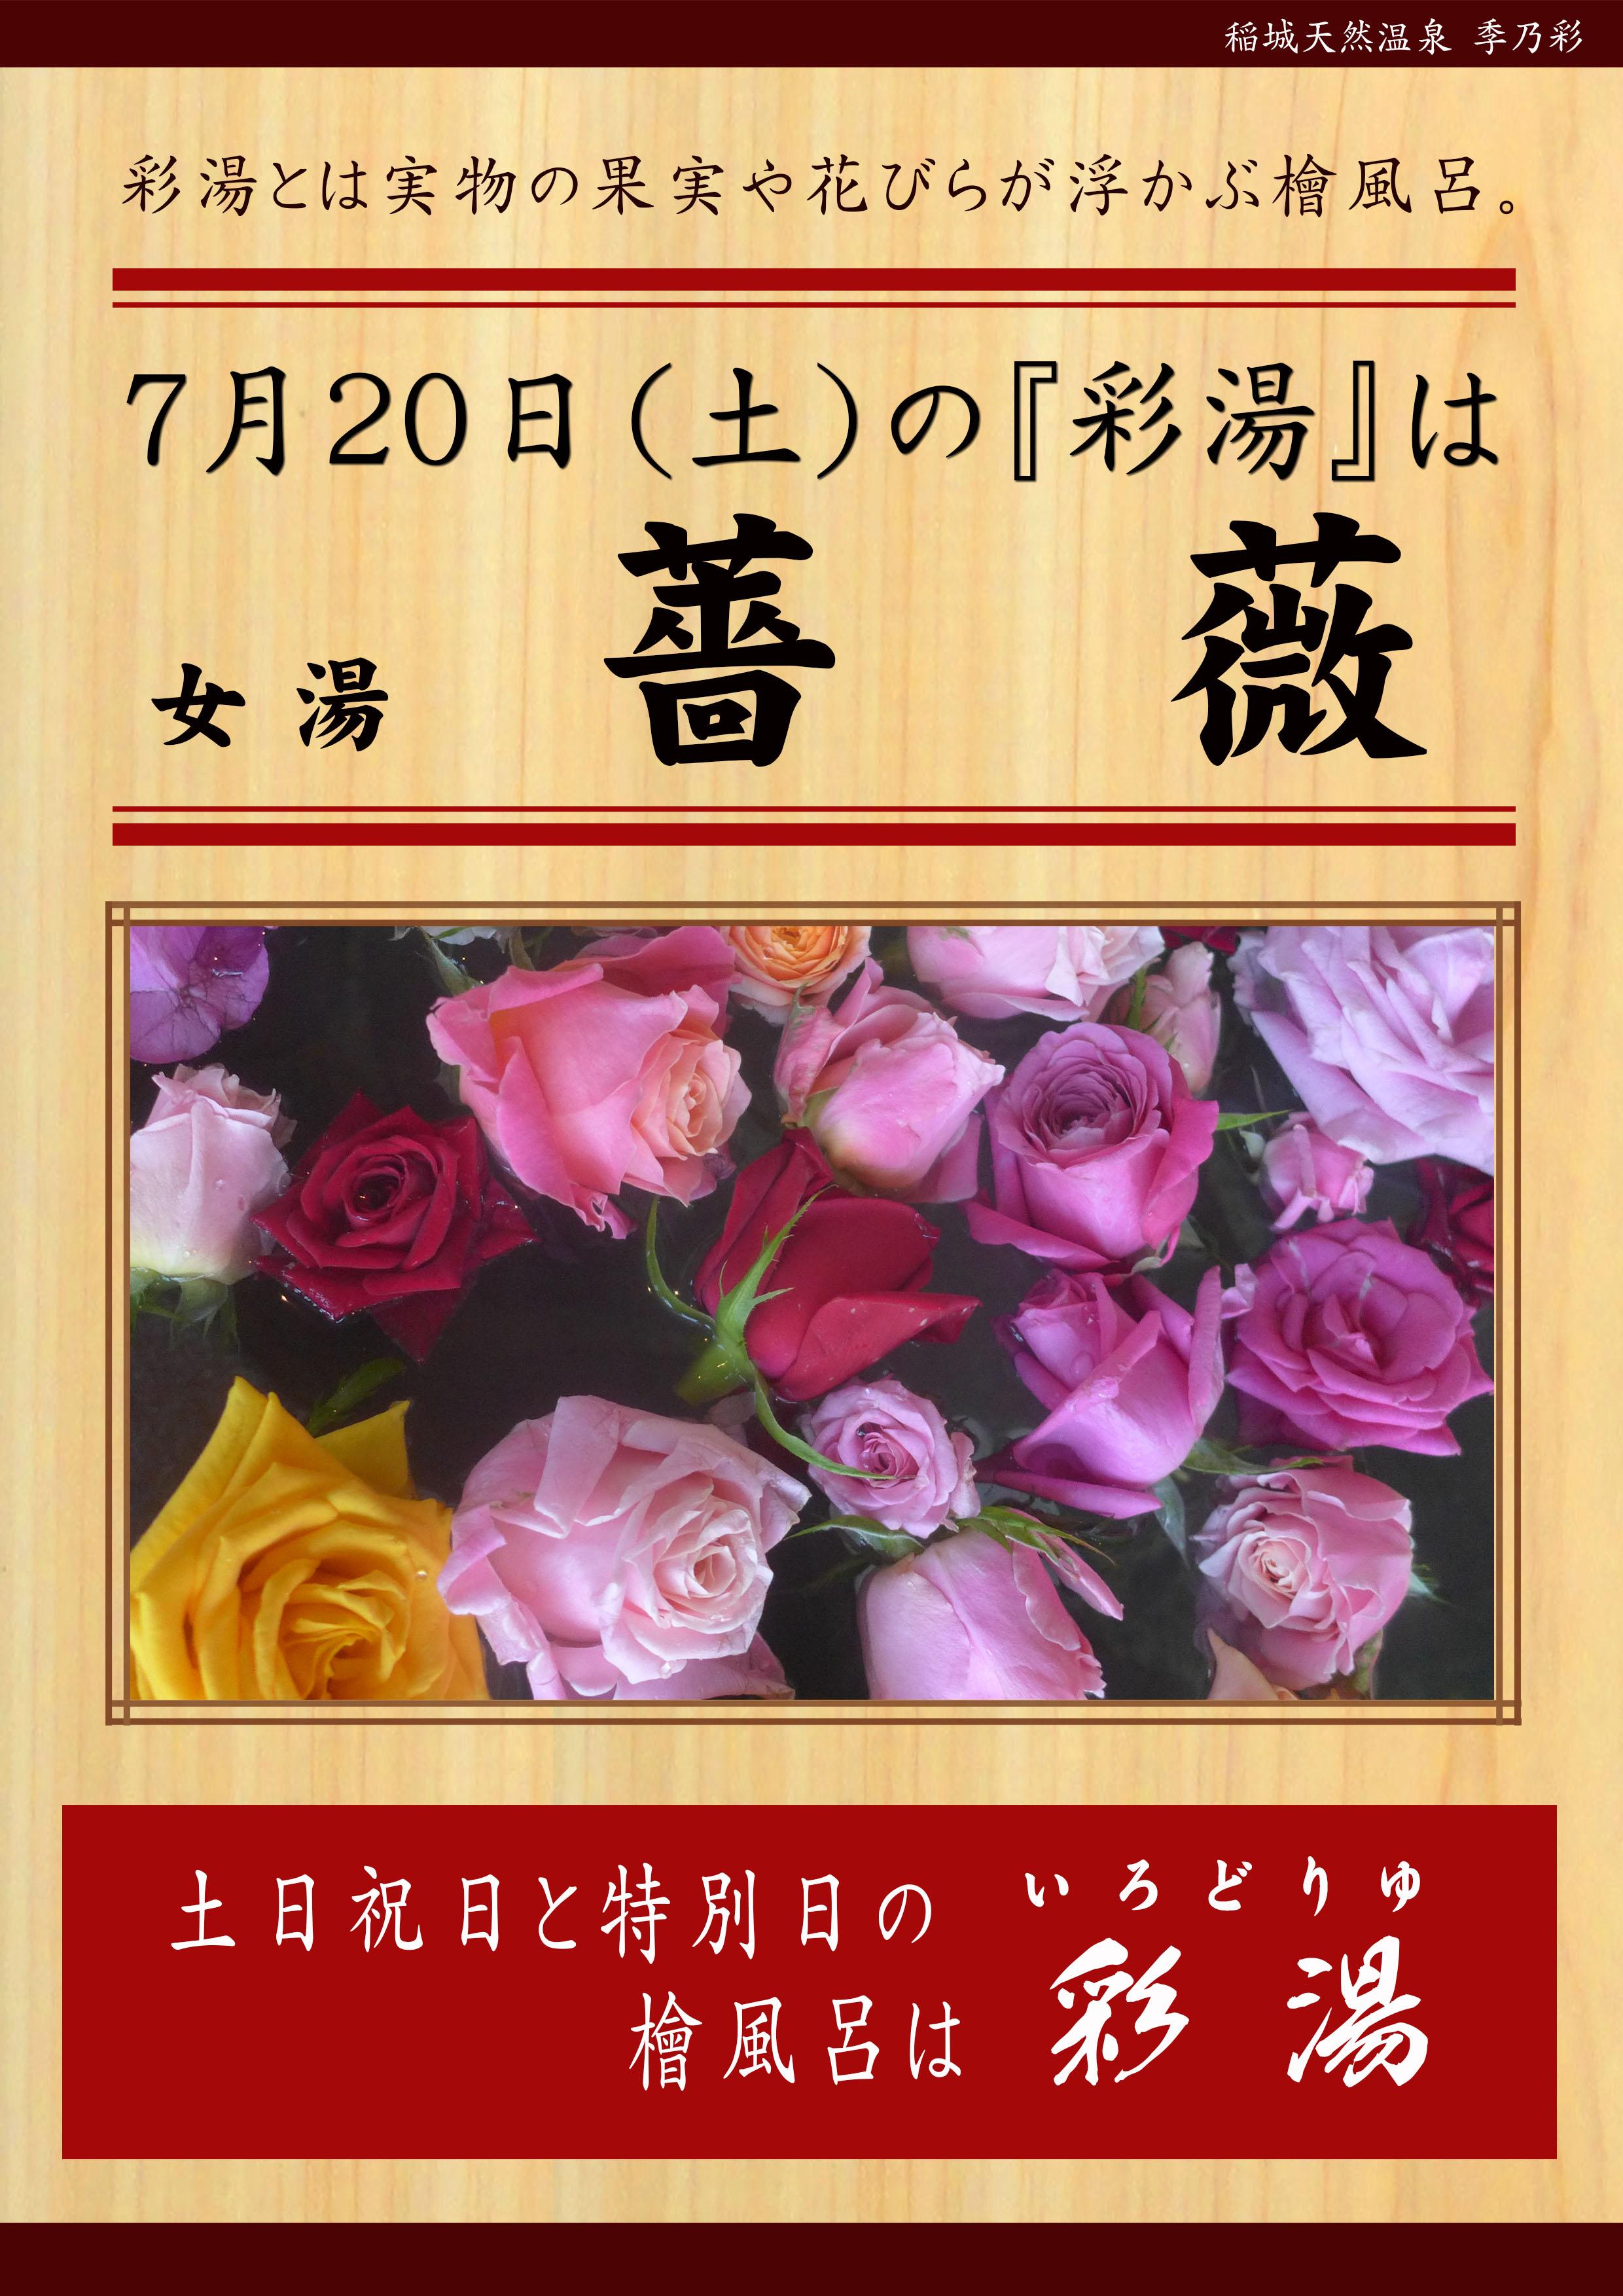 190720 彩湯 女湯 薔薇